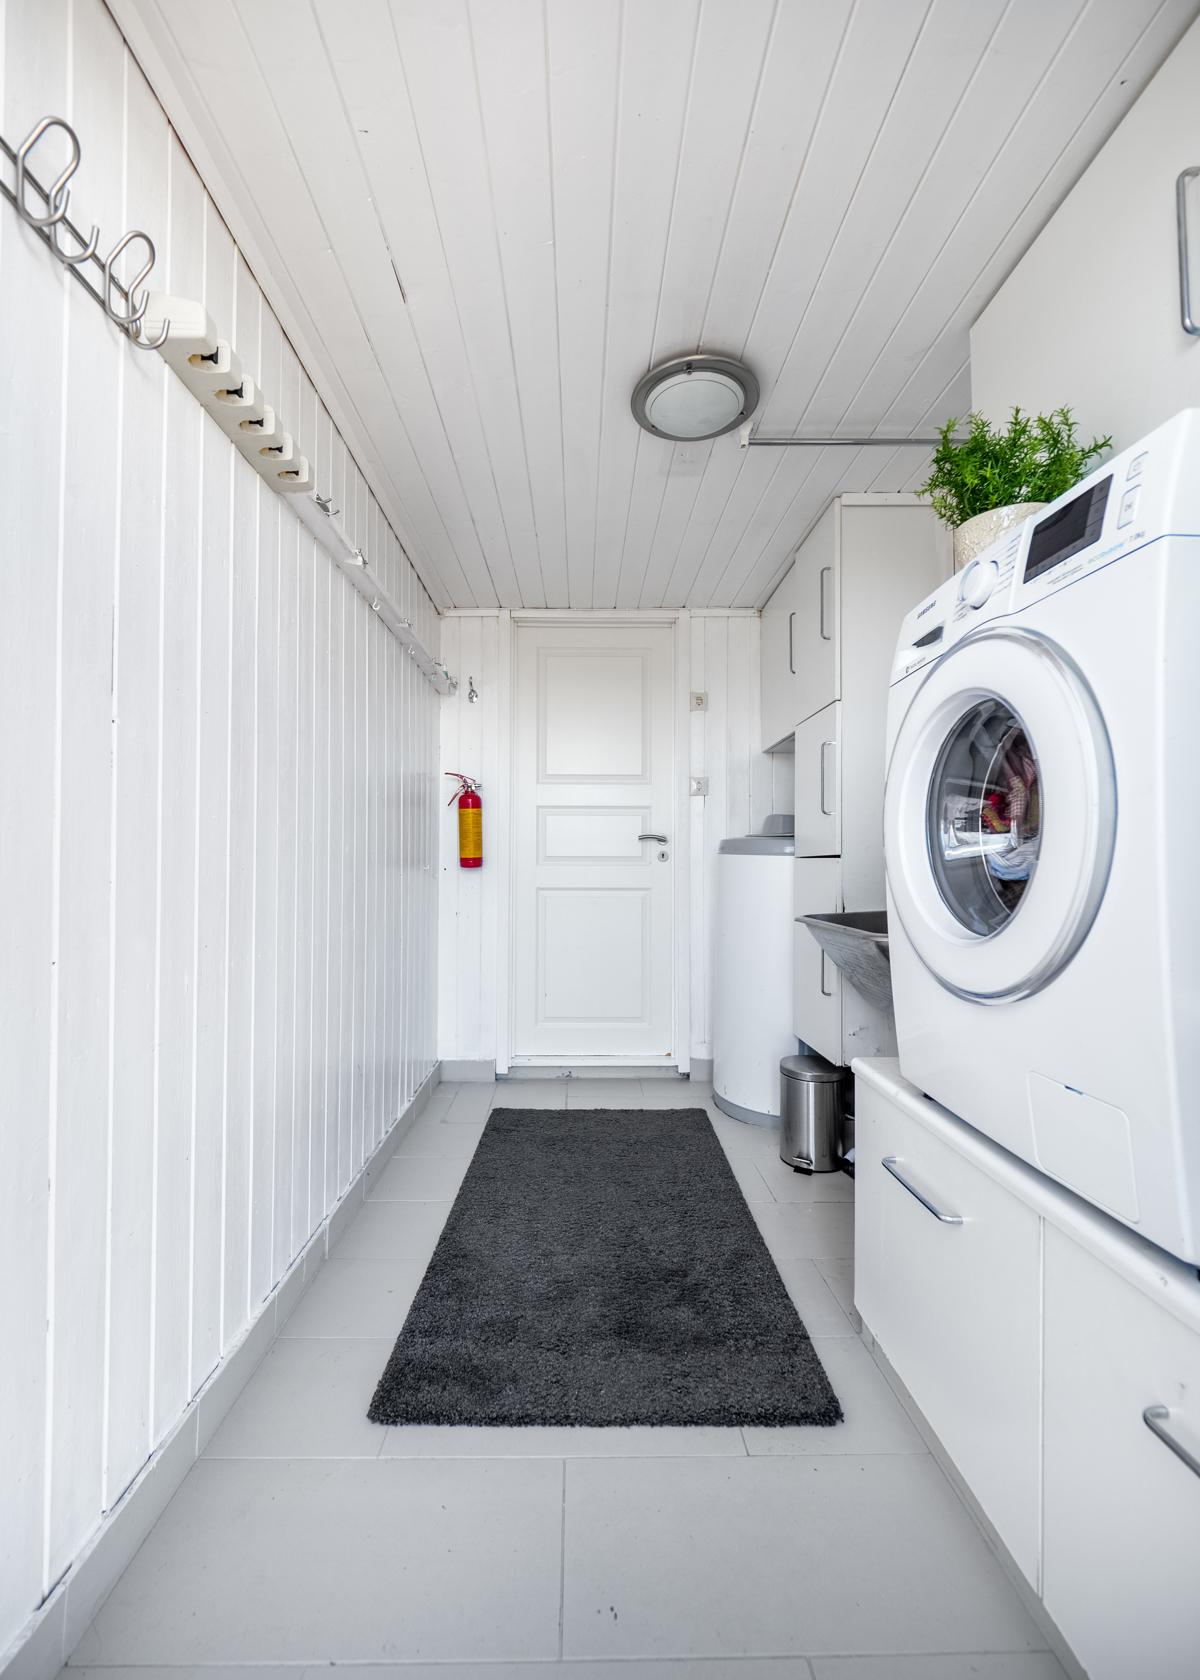 Vaskerom med opplegg til vaskemaskin